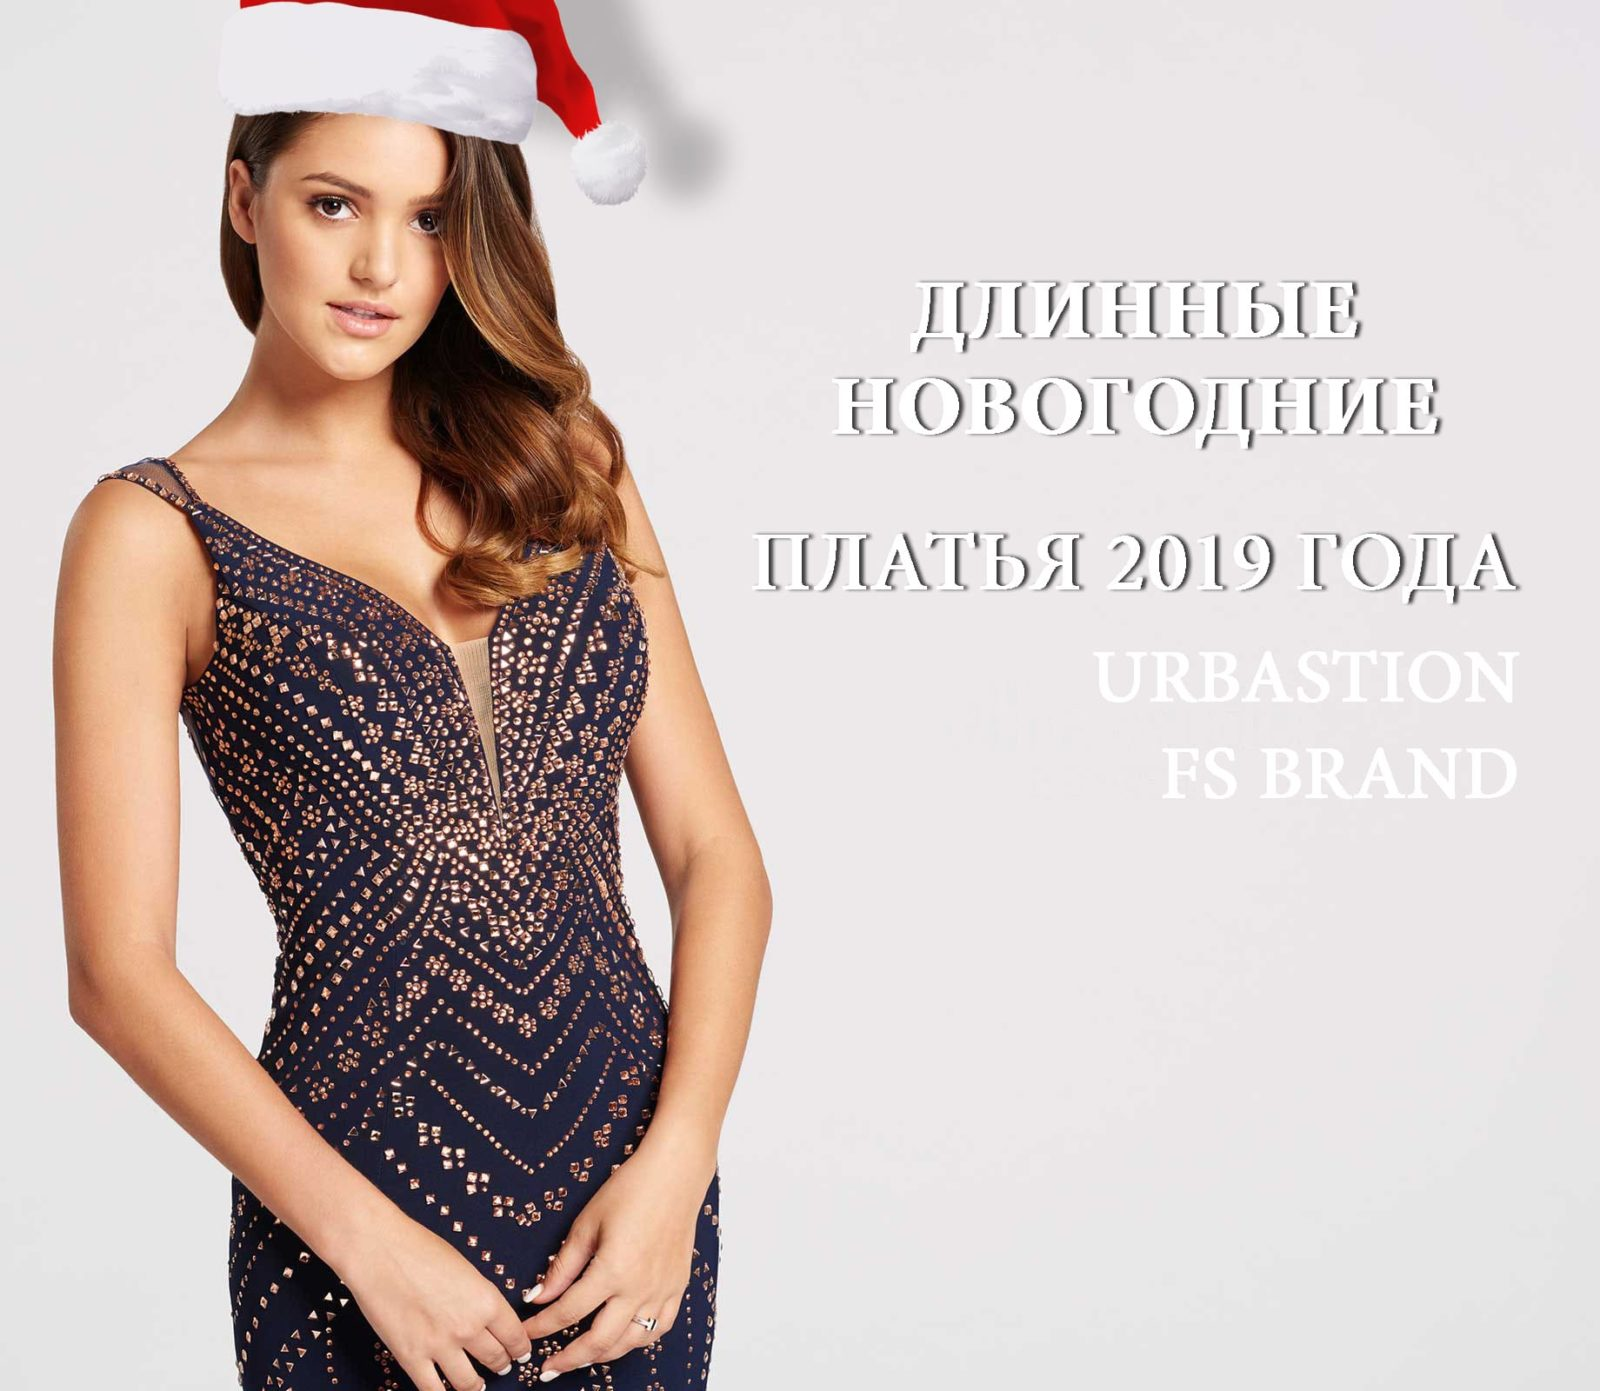 2bab3e47821a Длинное новогоднее платье 2019: модели для женщин на фото